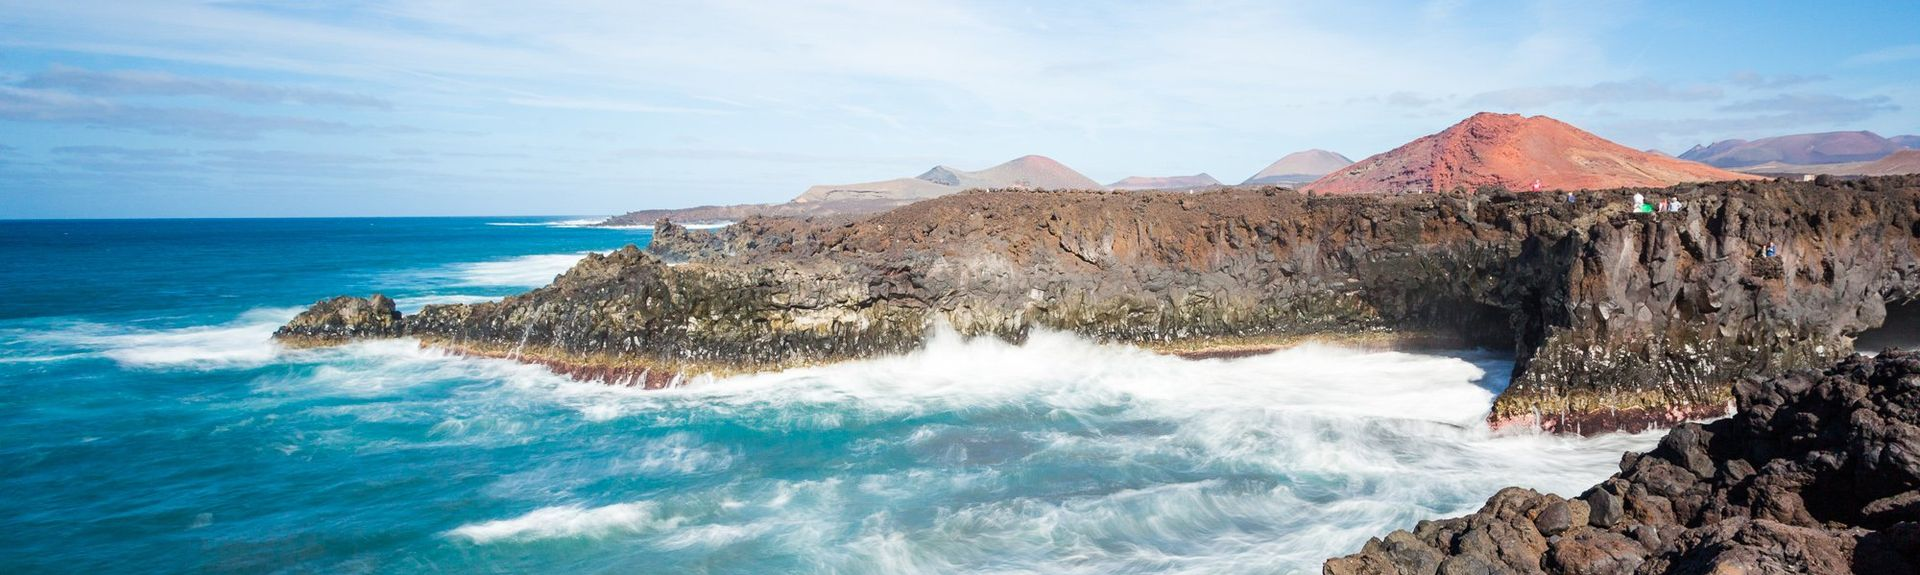 El Golfo, Lanzarote, Spain